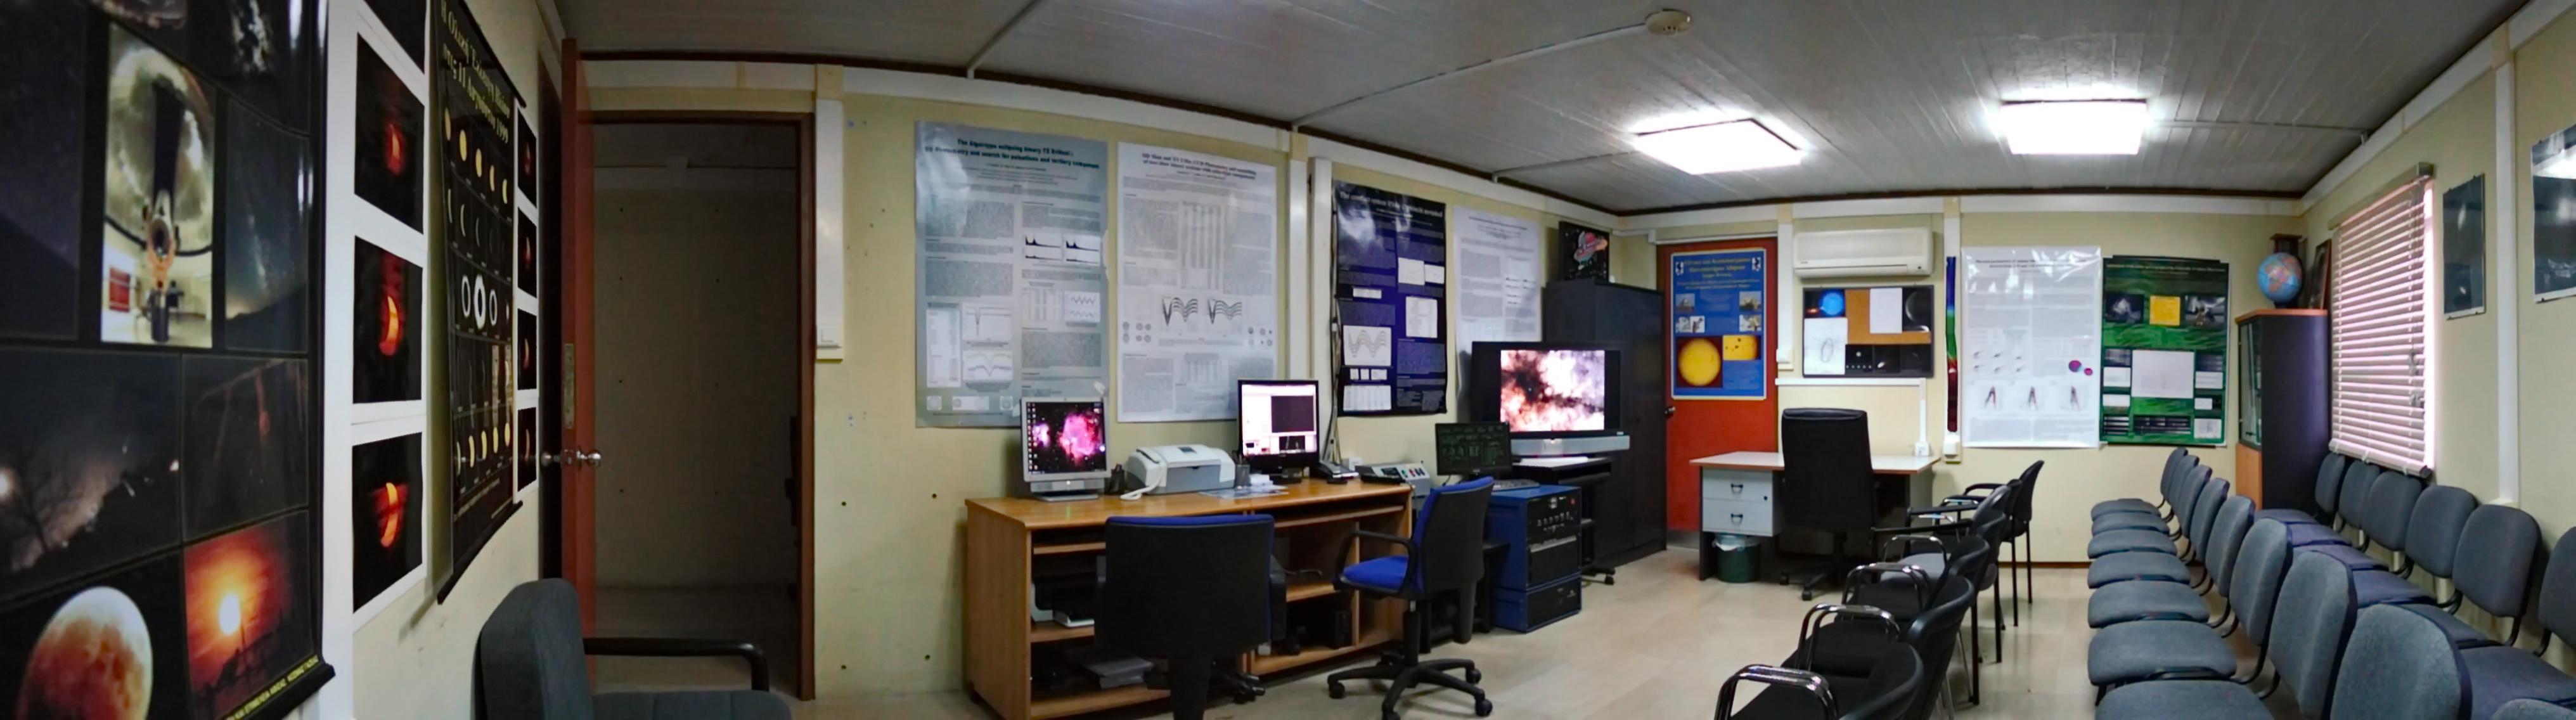 University of Athens Observatory